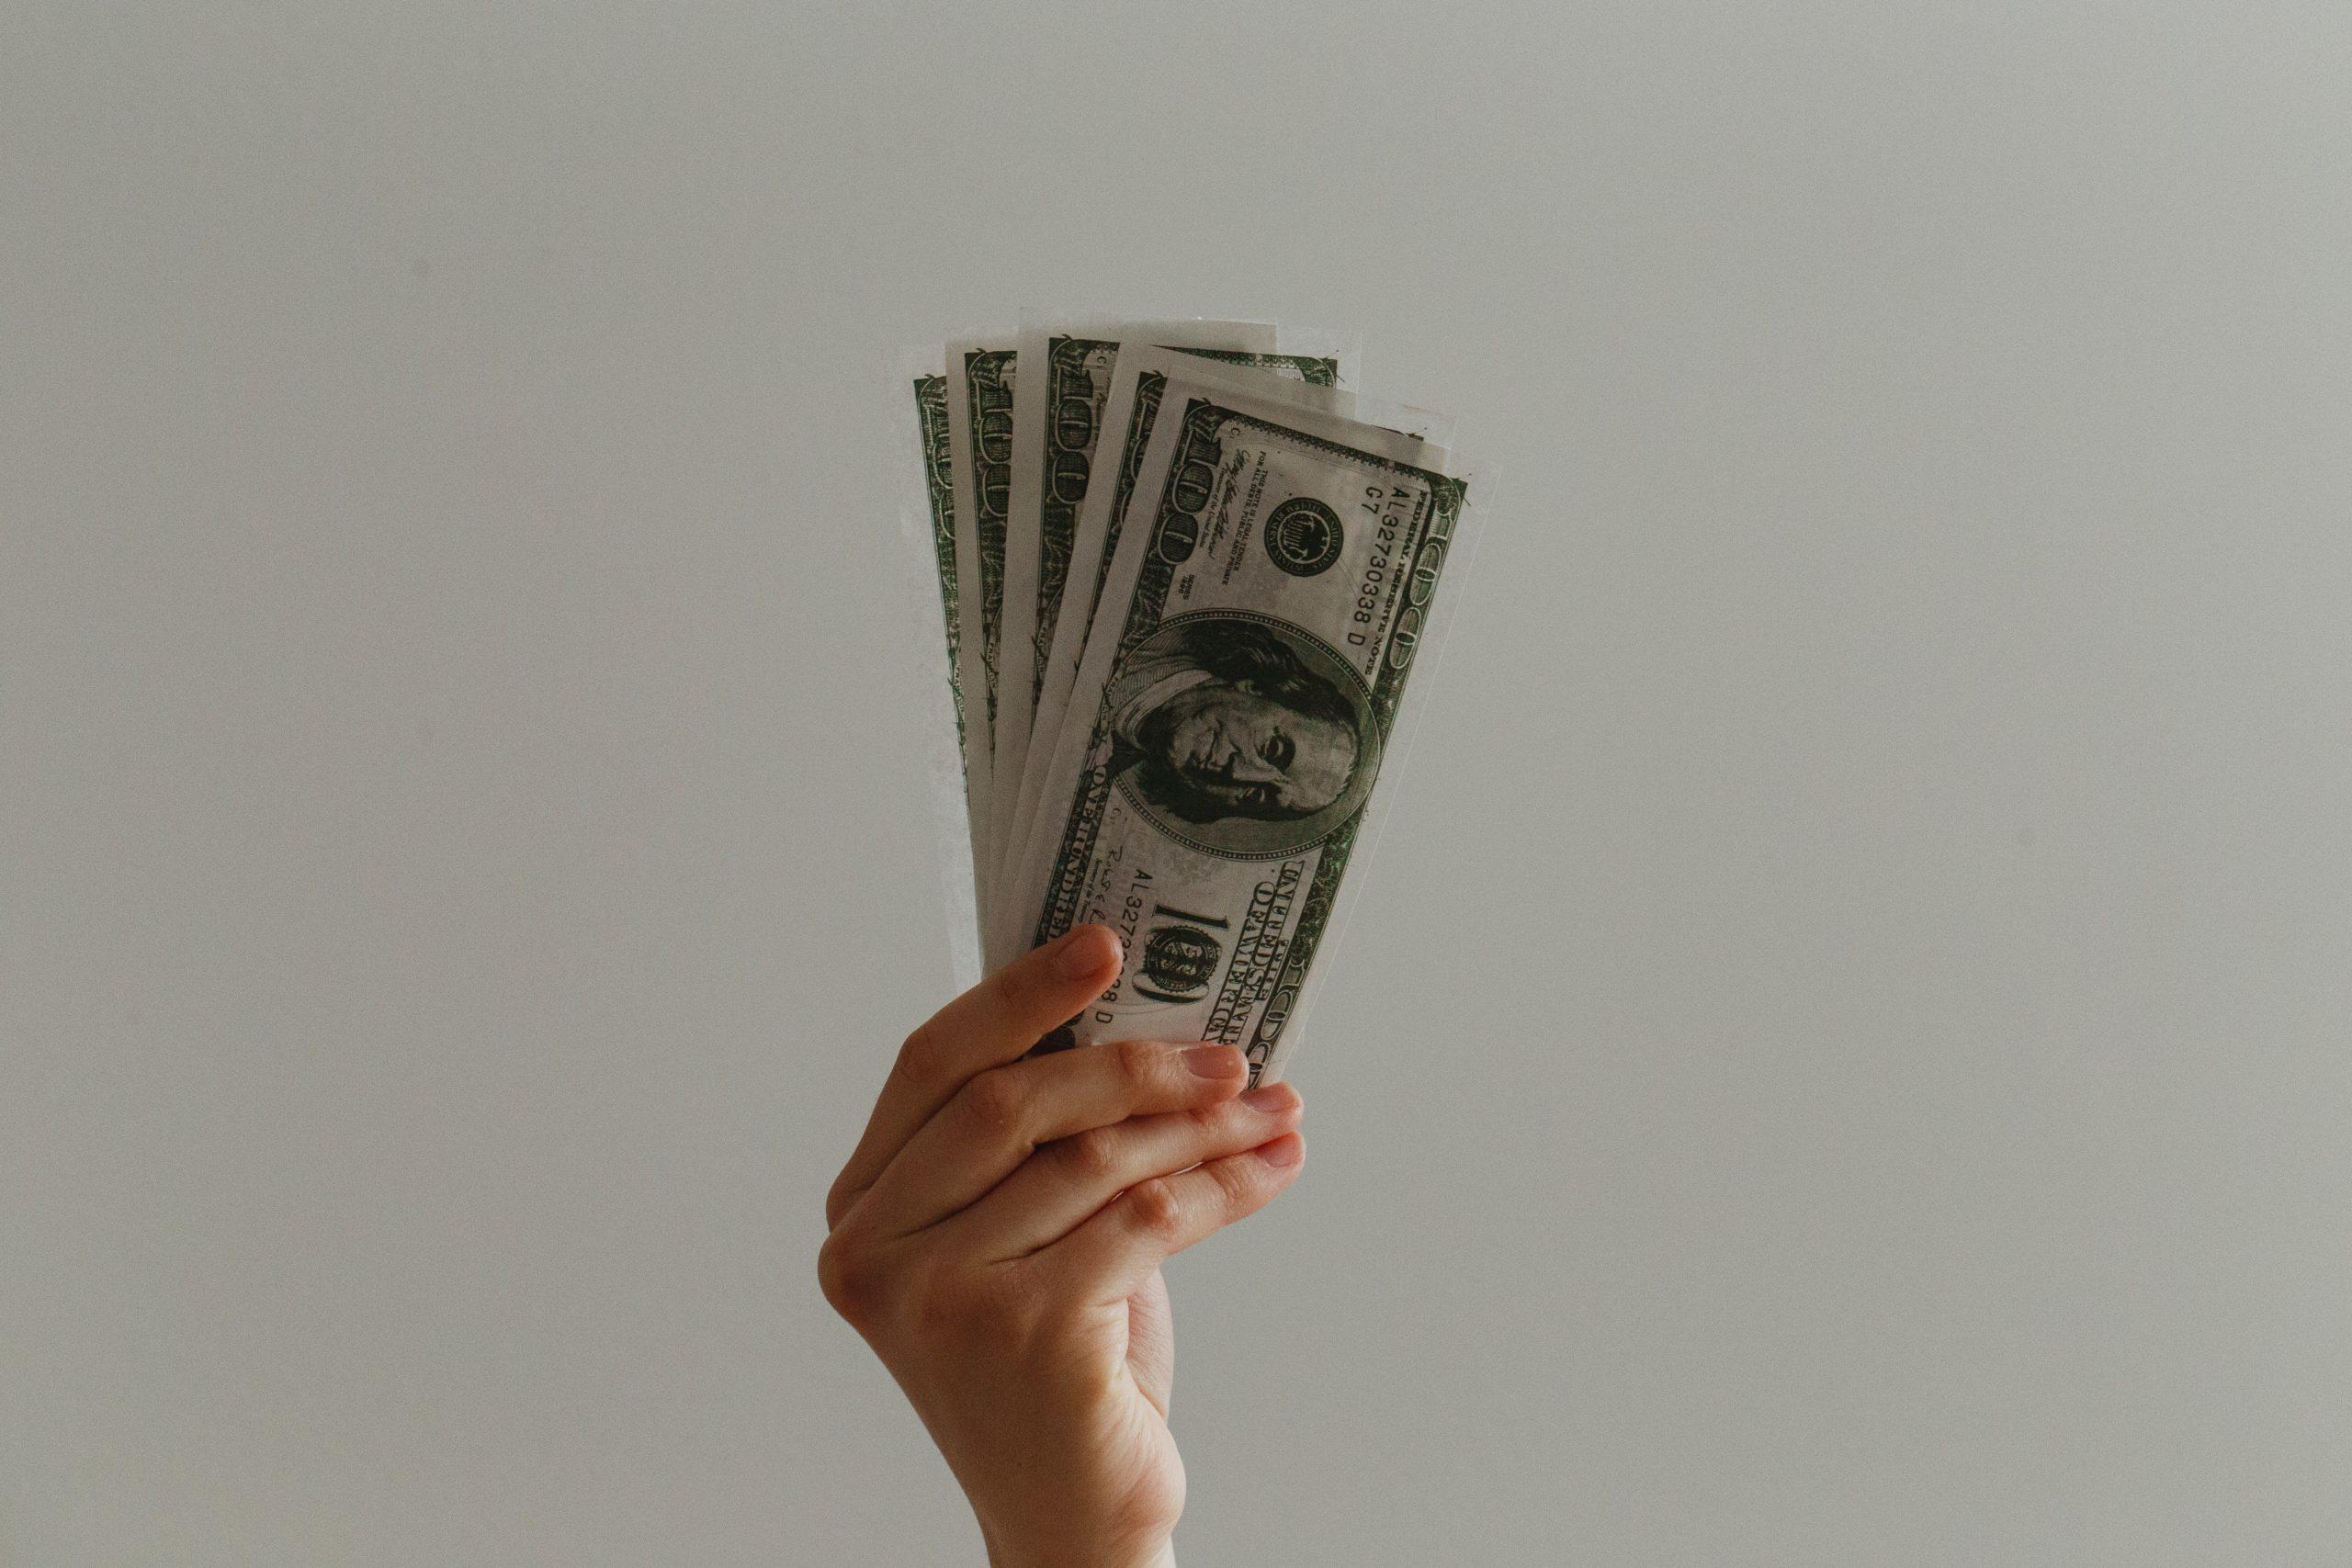 Zugesicherte Gehaltserhöhung muss gezahlt werden